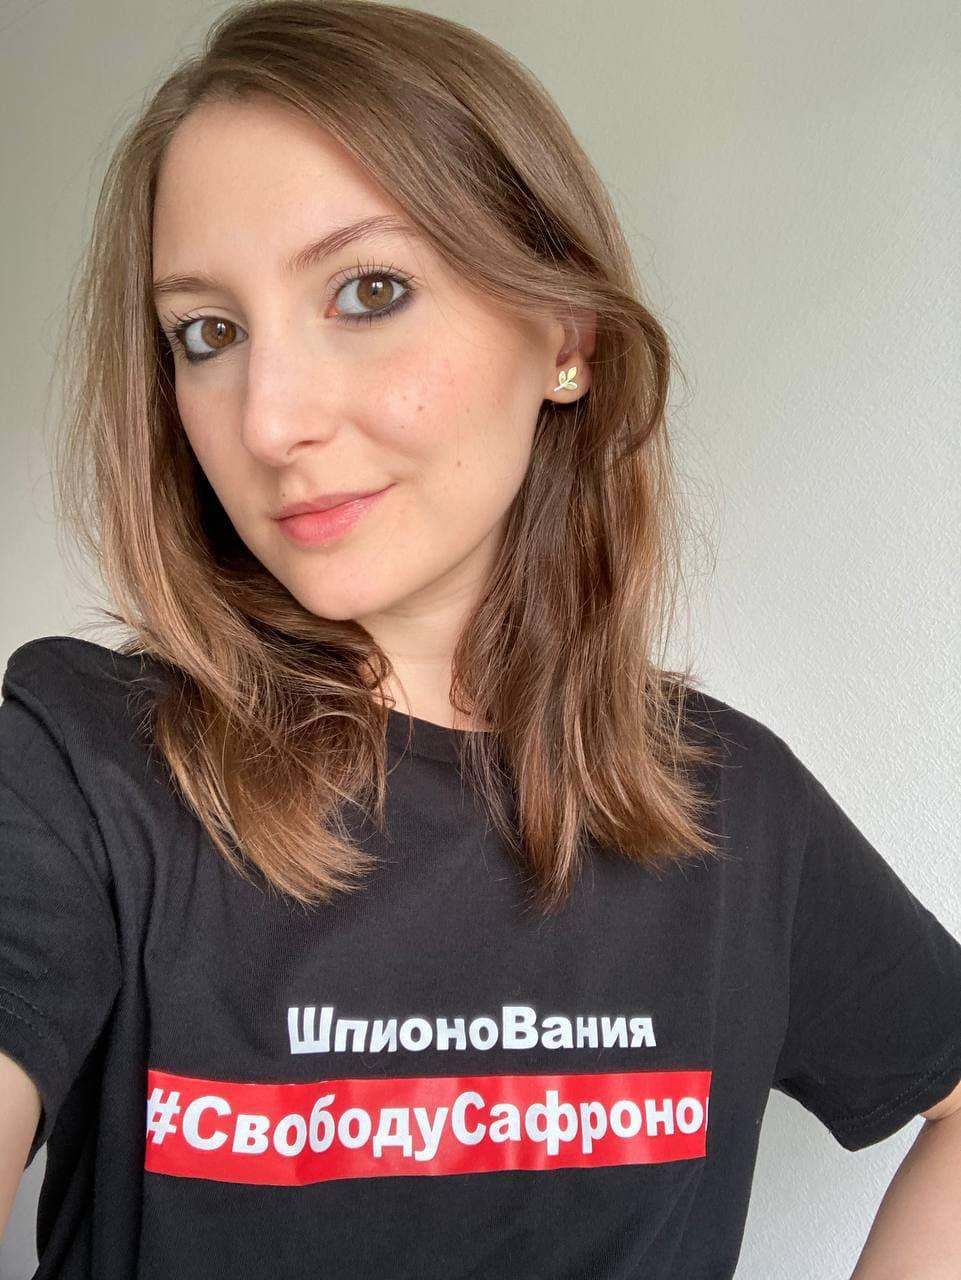 bekbulatova - <b>«Ваш стрім незаконний»:</b> Заборона розповідає, як журналістів переслідують через їхню роботу - Заборона